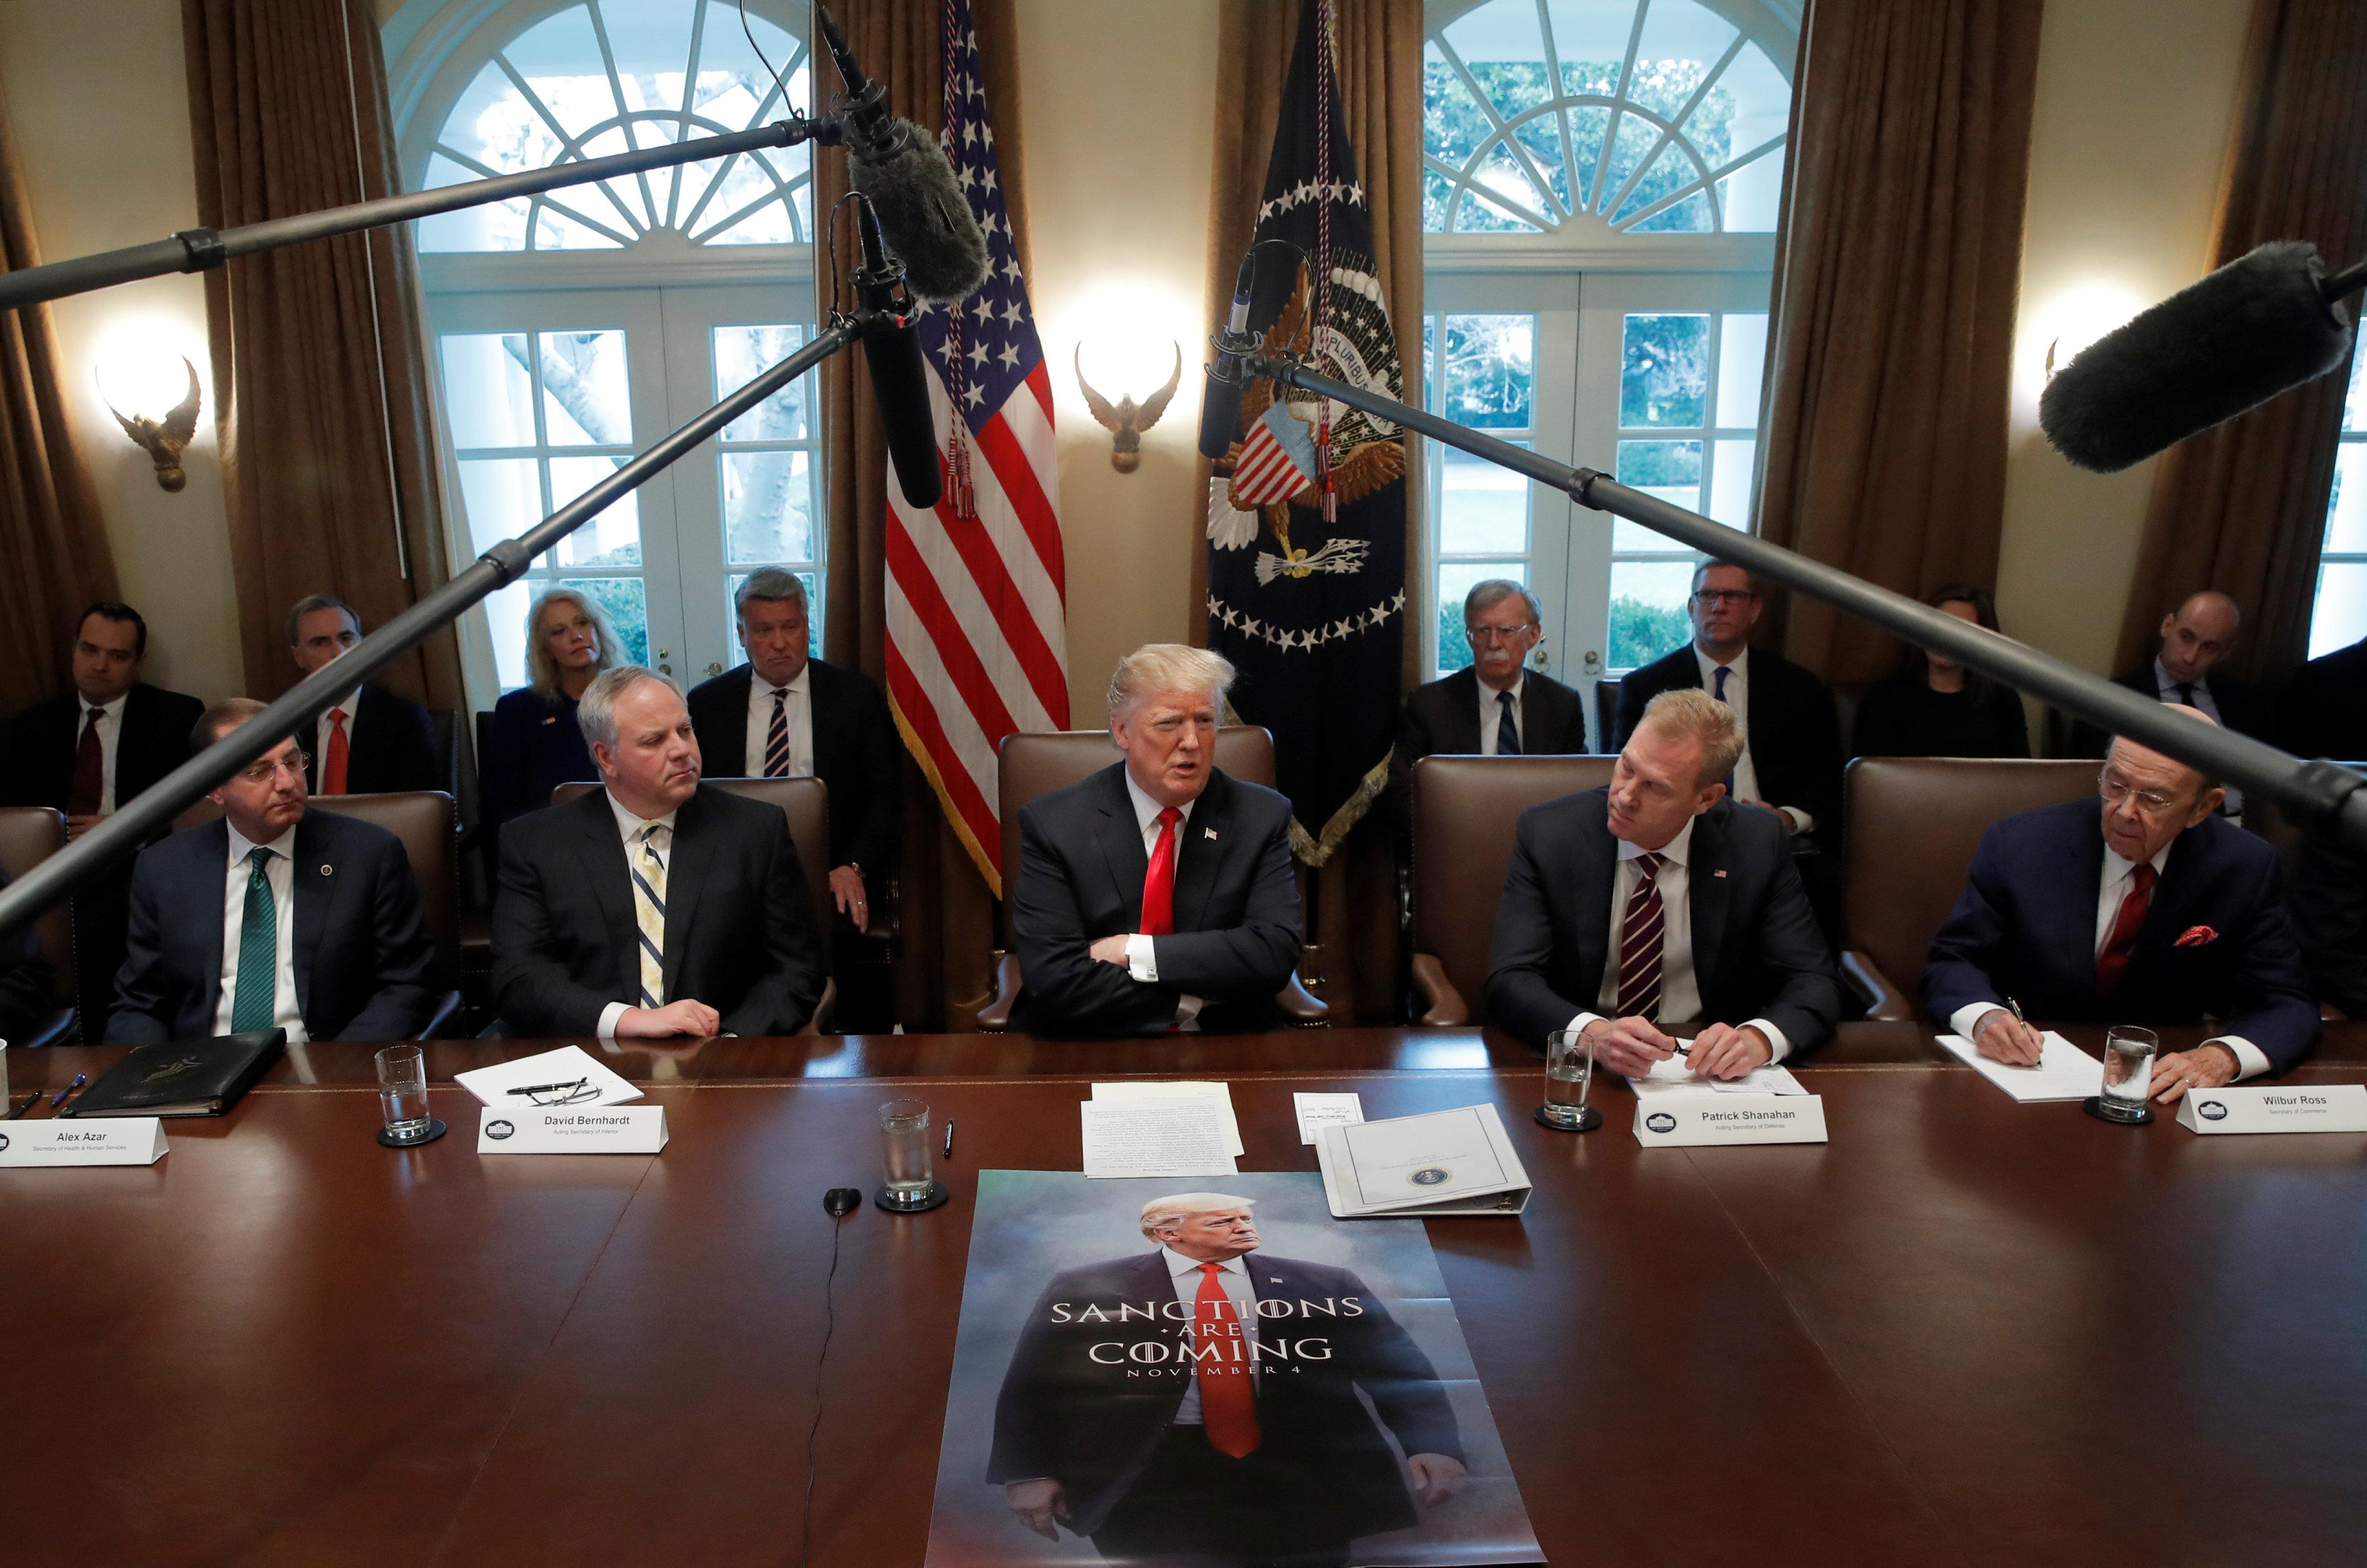 دونالد ترامب الرئيس الأمريكى (3)